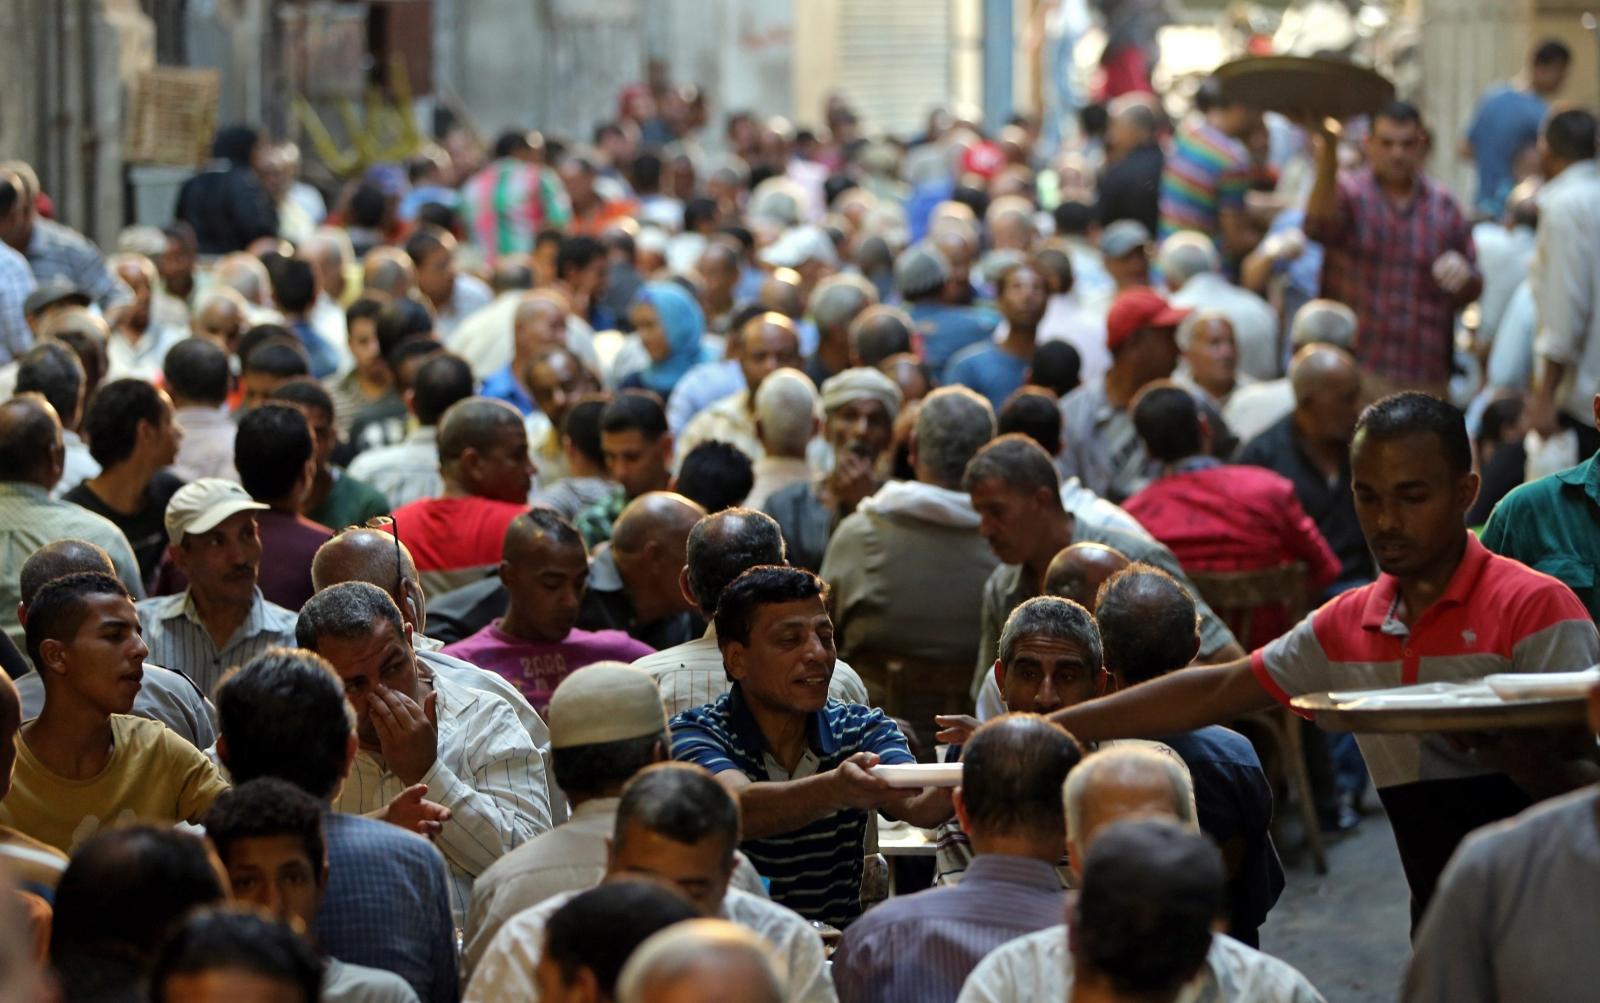 Muzułmanie otrzymują Iftar, posiłek jedzony o zachodzie słońca, żeby nie łamać postu w Ramadan.